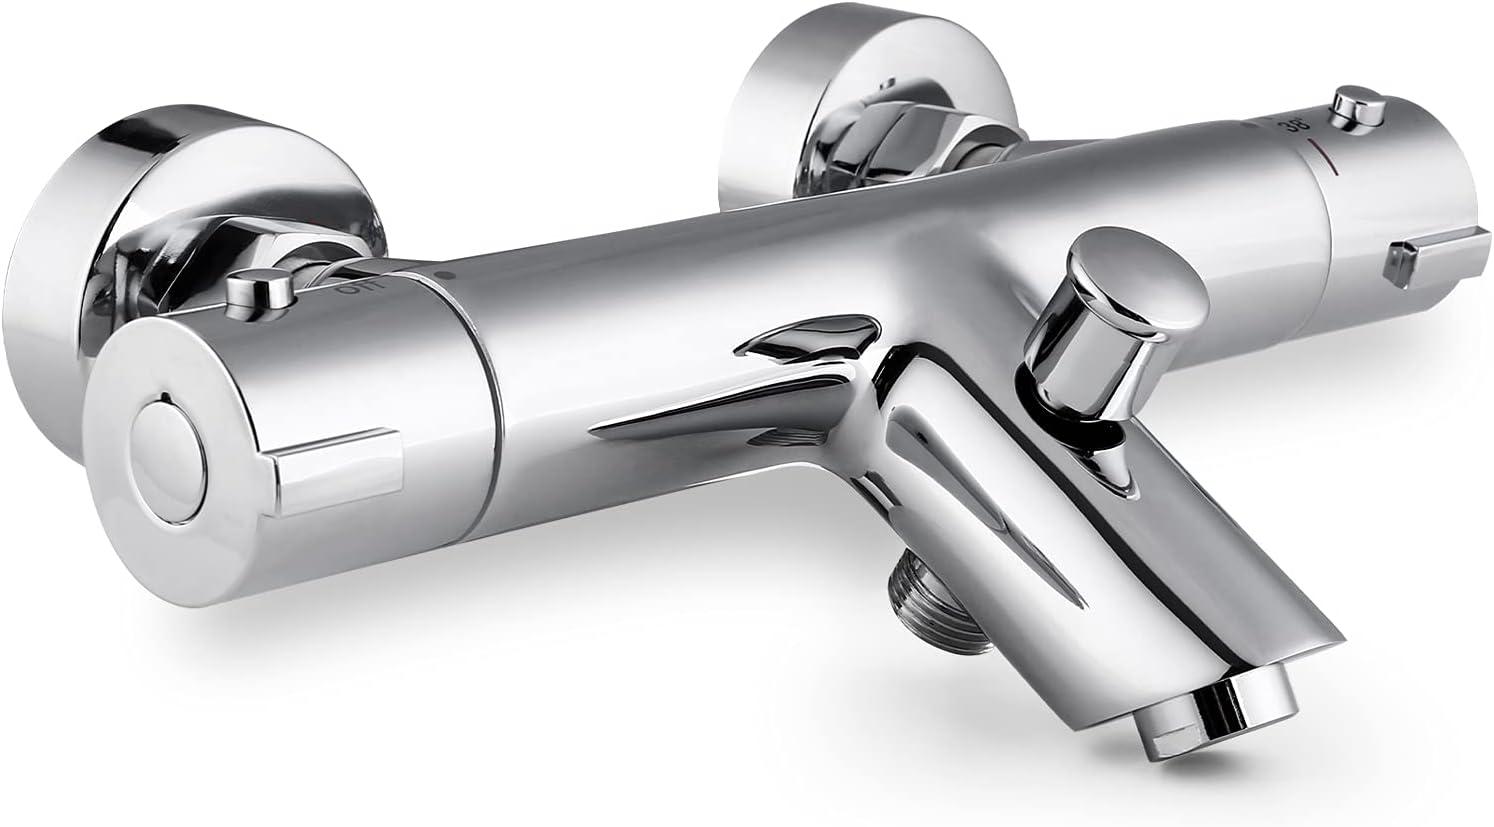 Grifo termostático para bañera (latón, con botón de seguridad de 38 °C, con dos salidas de agua, cromado), Grifos termostático para ducha/baño/ TF-05